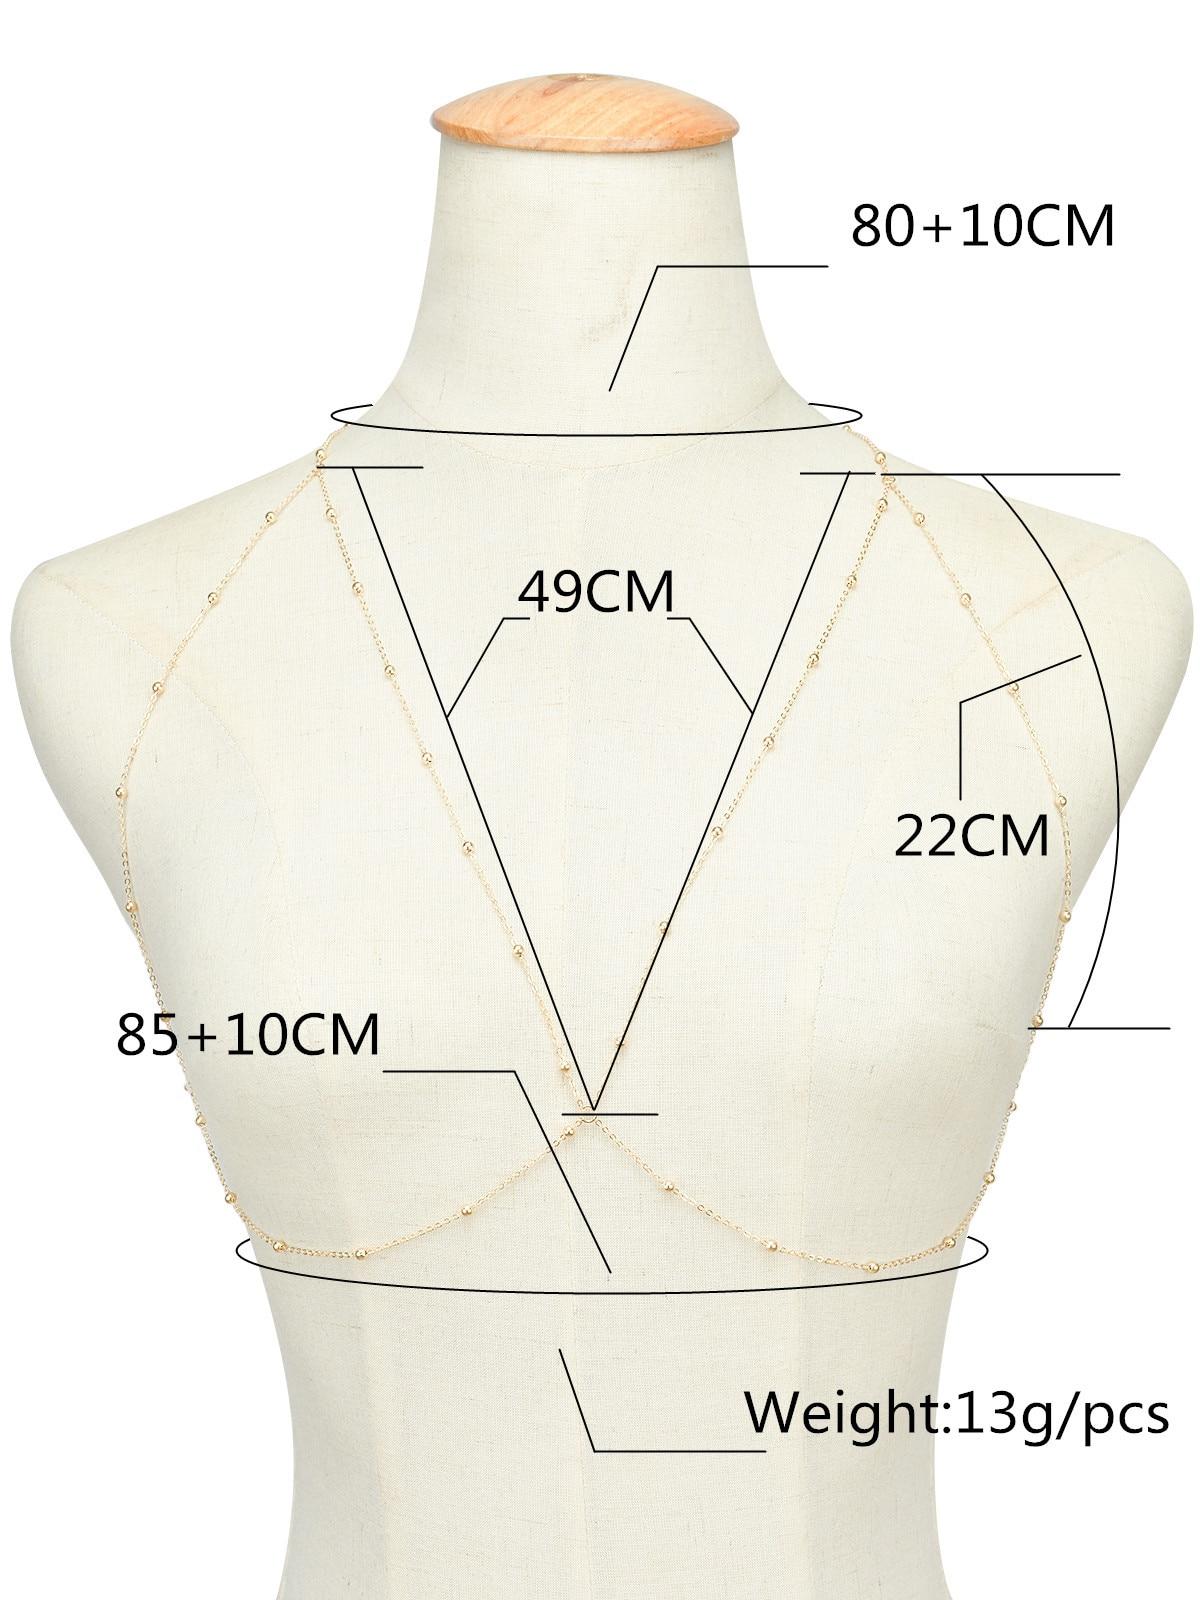 Fashion Body Chain women bohemia rhinestone Sexy gold Beach Bikini Harness for bra Bralette chain Straps accessories 1